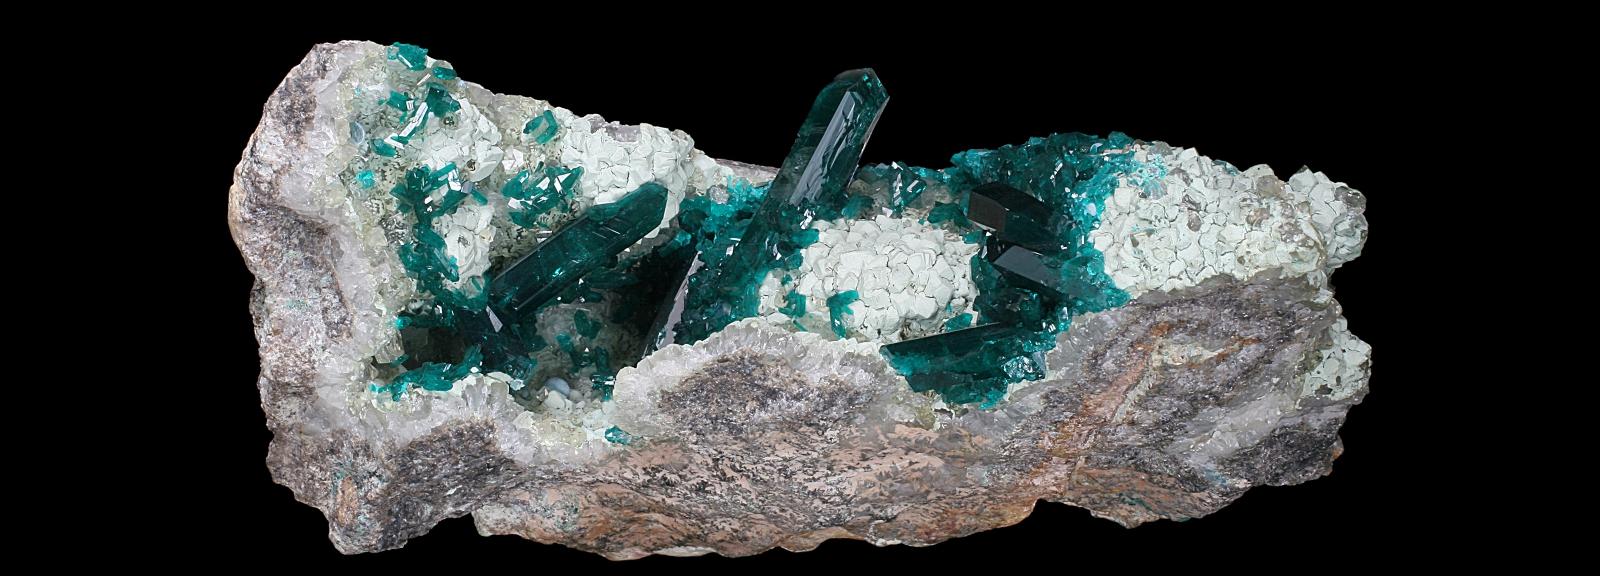 Assemblage de cristaux prismatiques vert profond de Dioptase sur du Quartz (N° 108.1747) © MNHN - Louis-Dominique Bayle